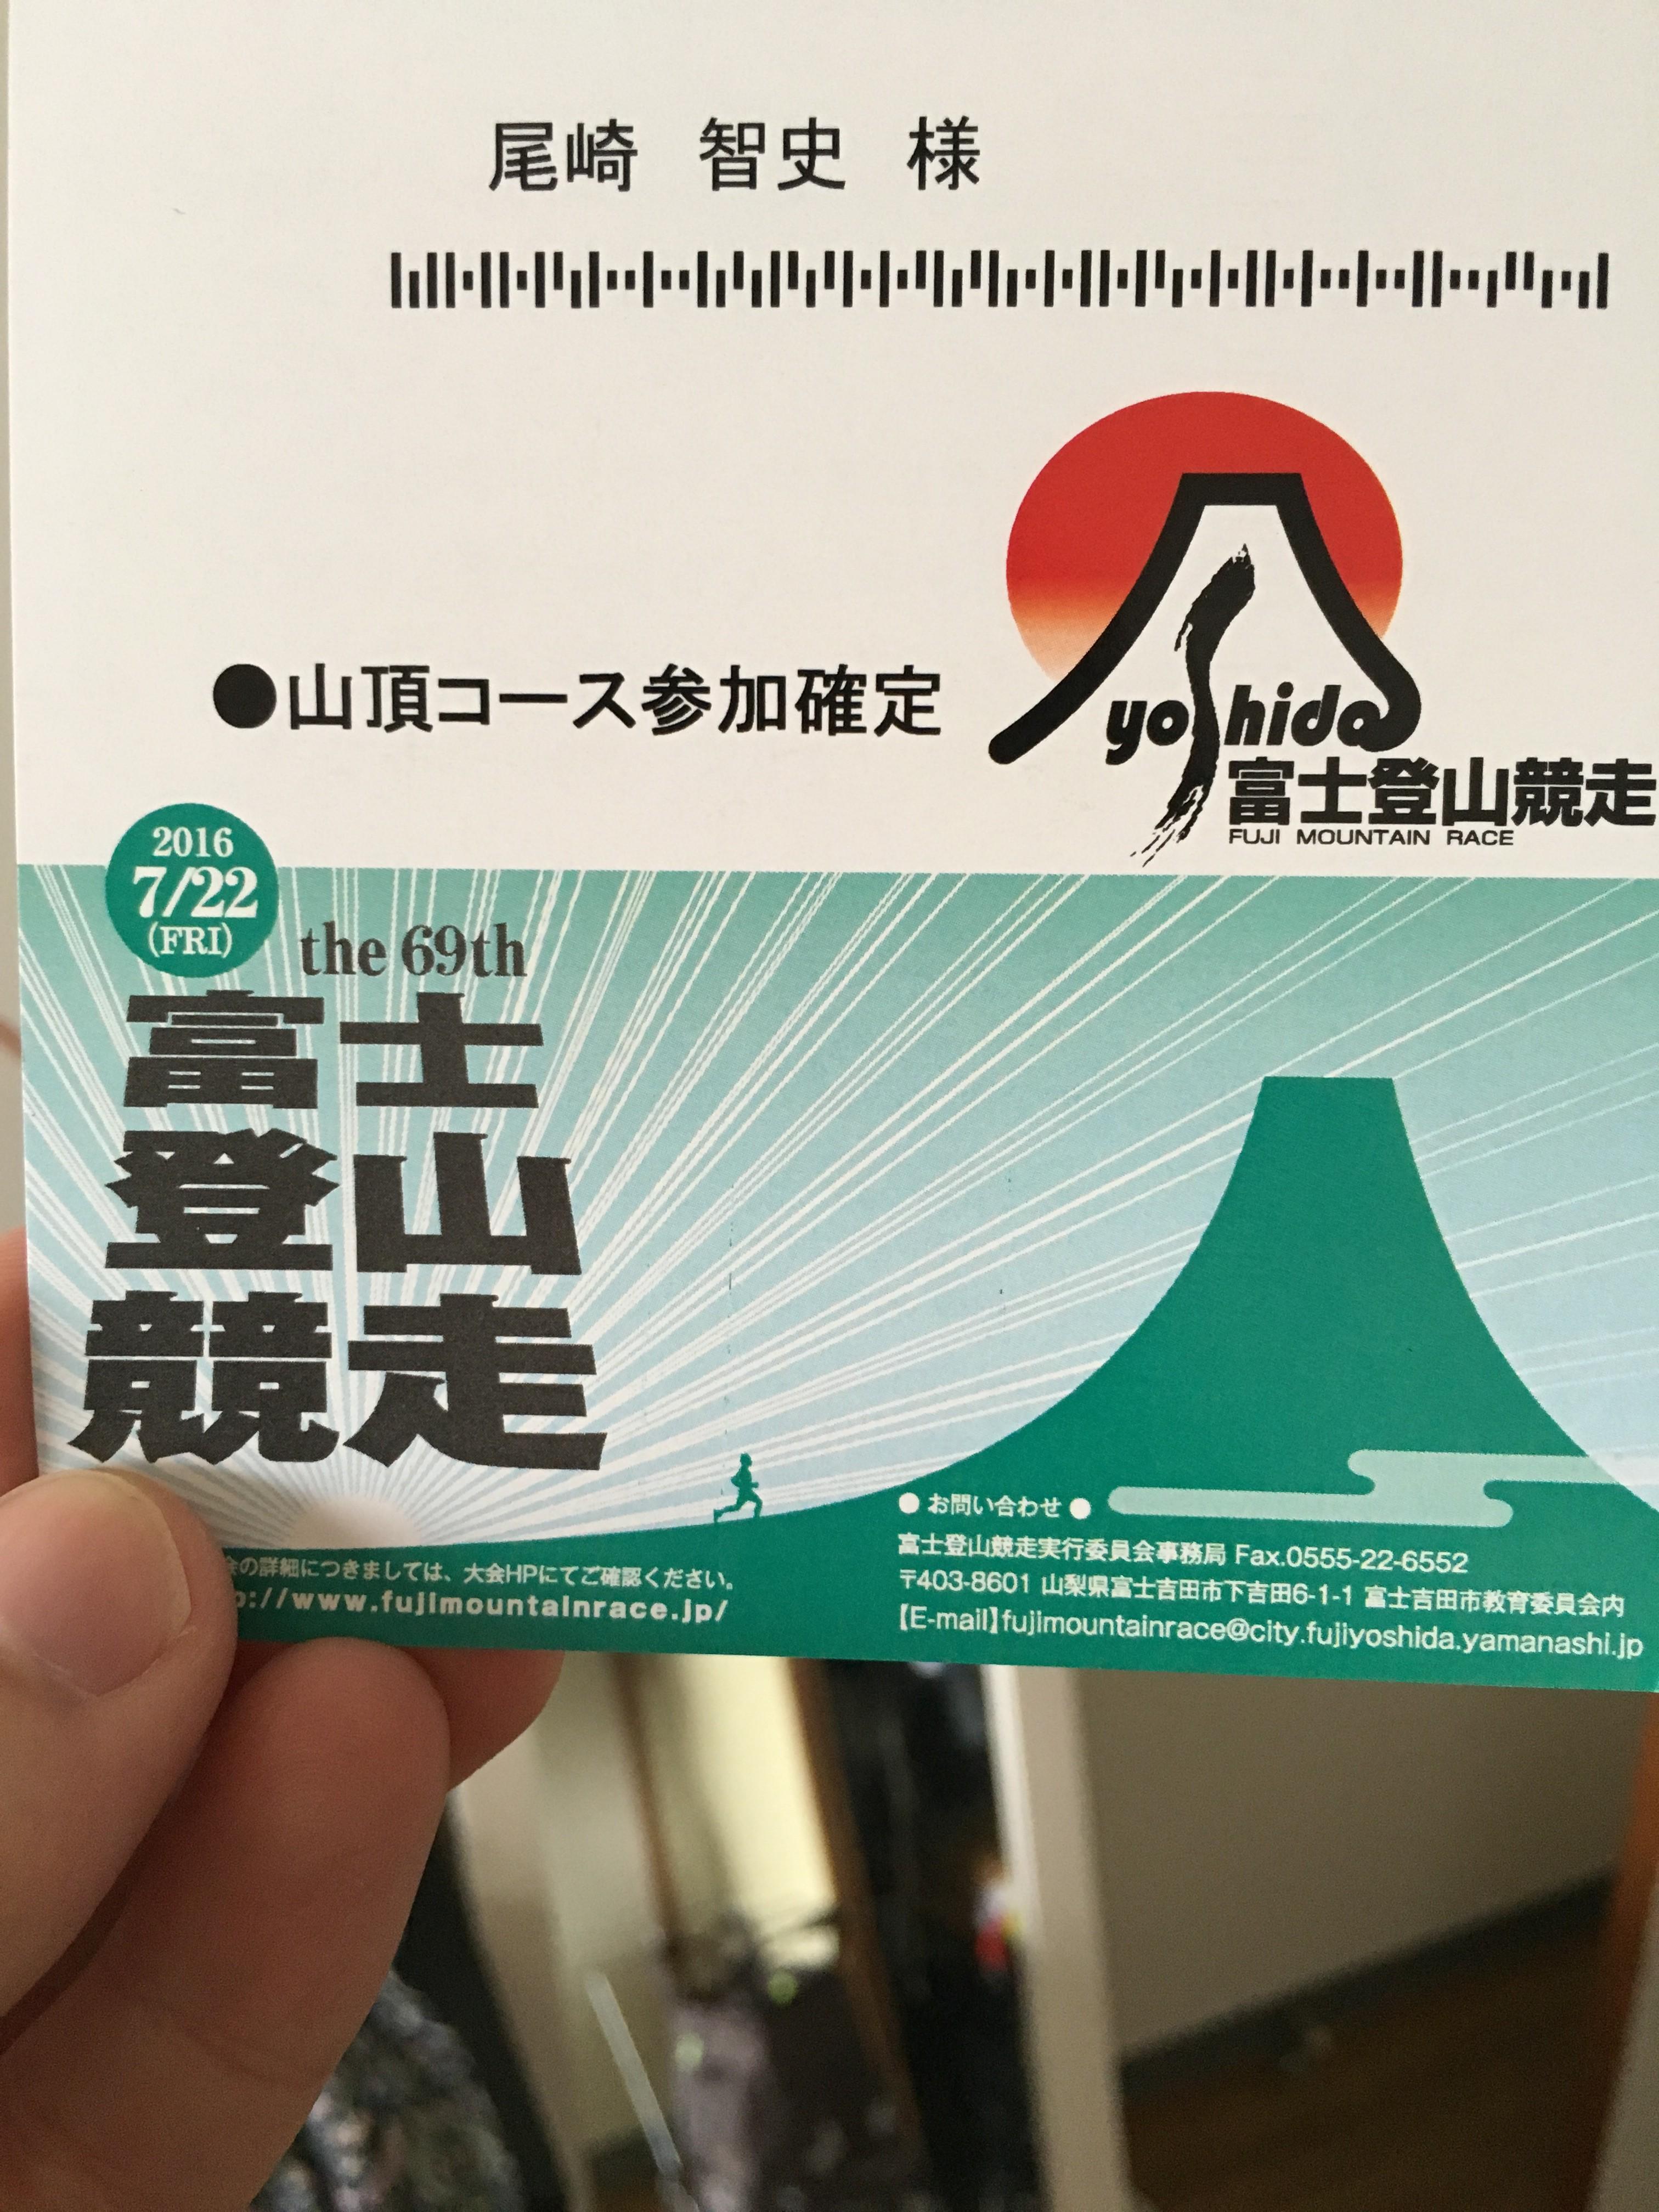 明日は富士登山競走!時間内に完走するための作戦とは。